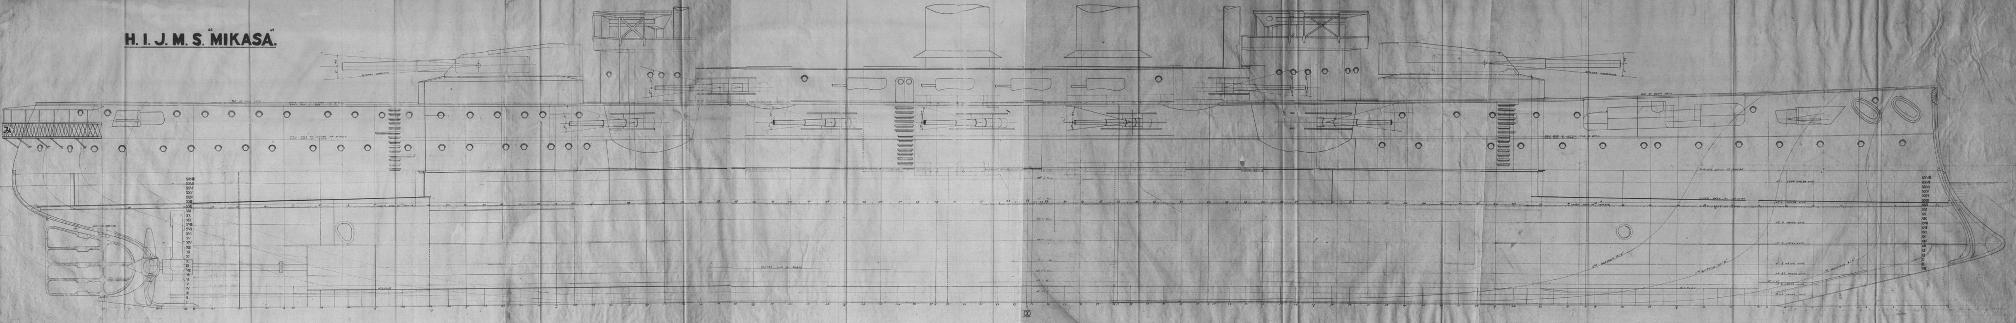 LE MIKASA 1/700 de HASEGAWA full hull + PE + wood deck Mikasa10